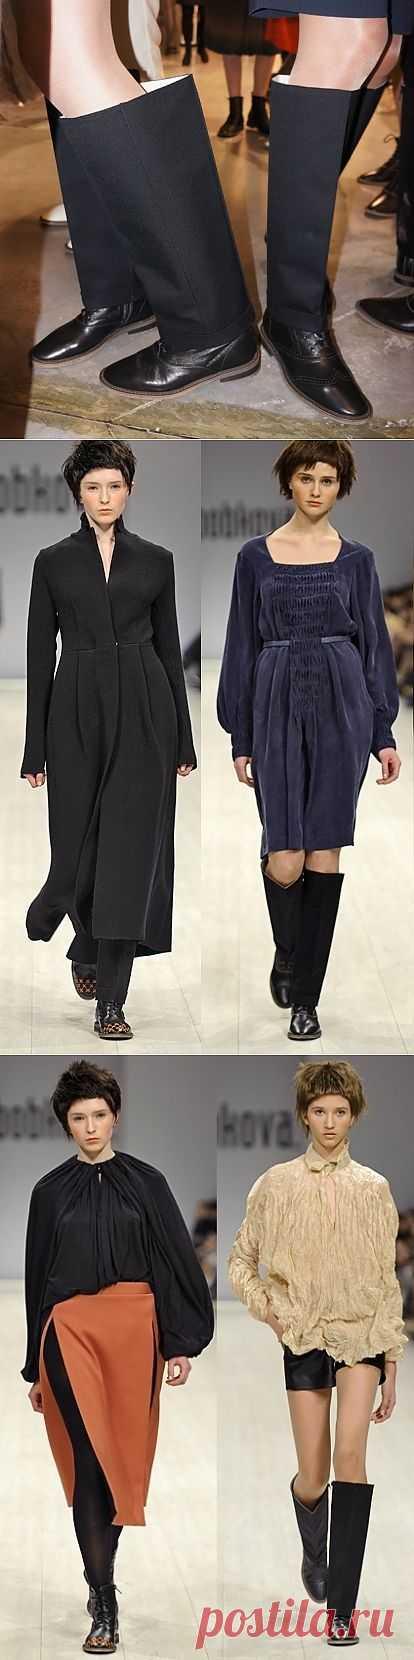 Брюки превращаются... (подборка) / Креатив в моде / Модный сайт о стильной переделке одежды и интерьера